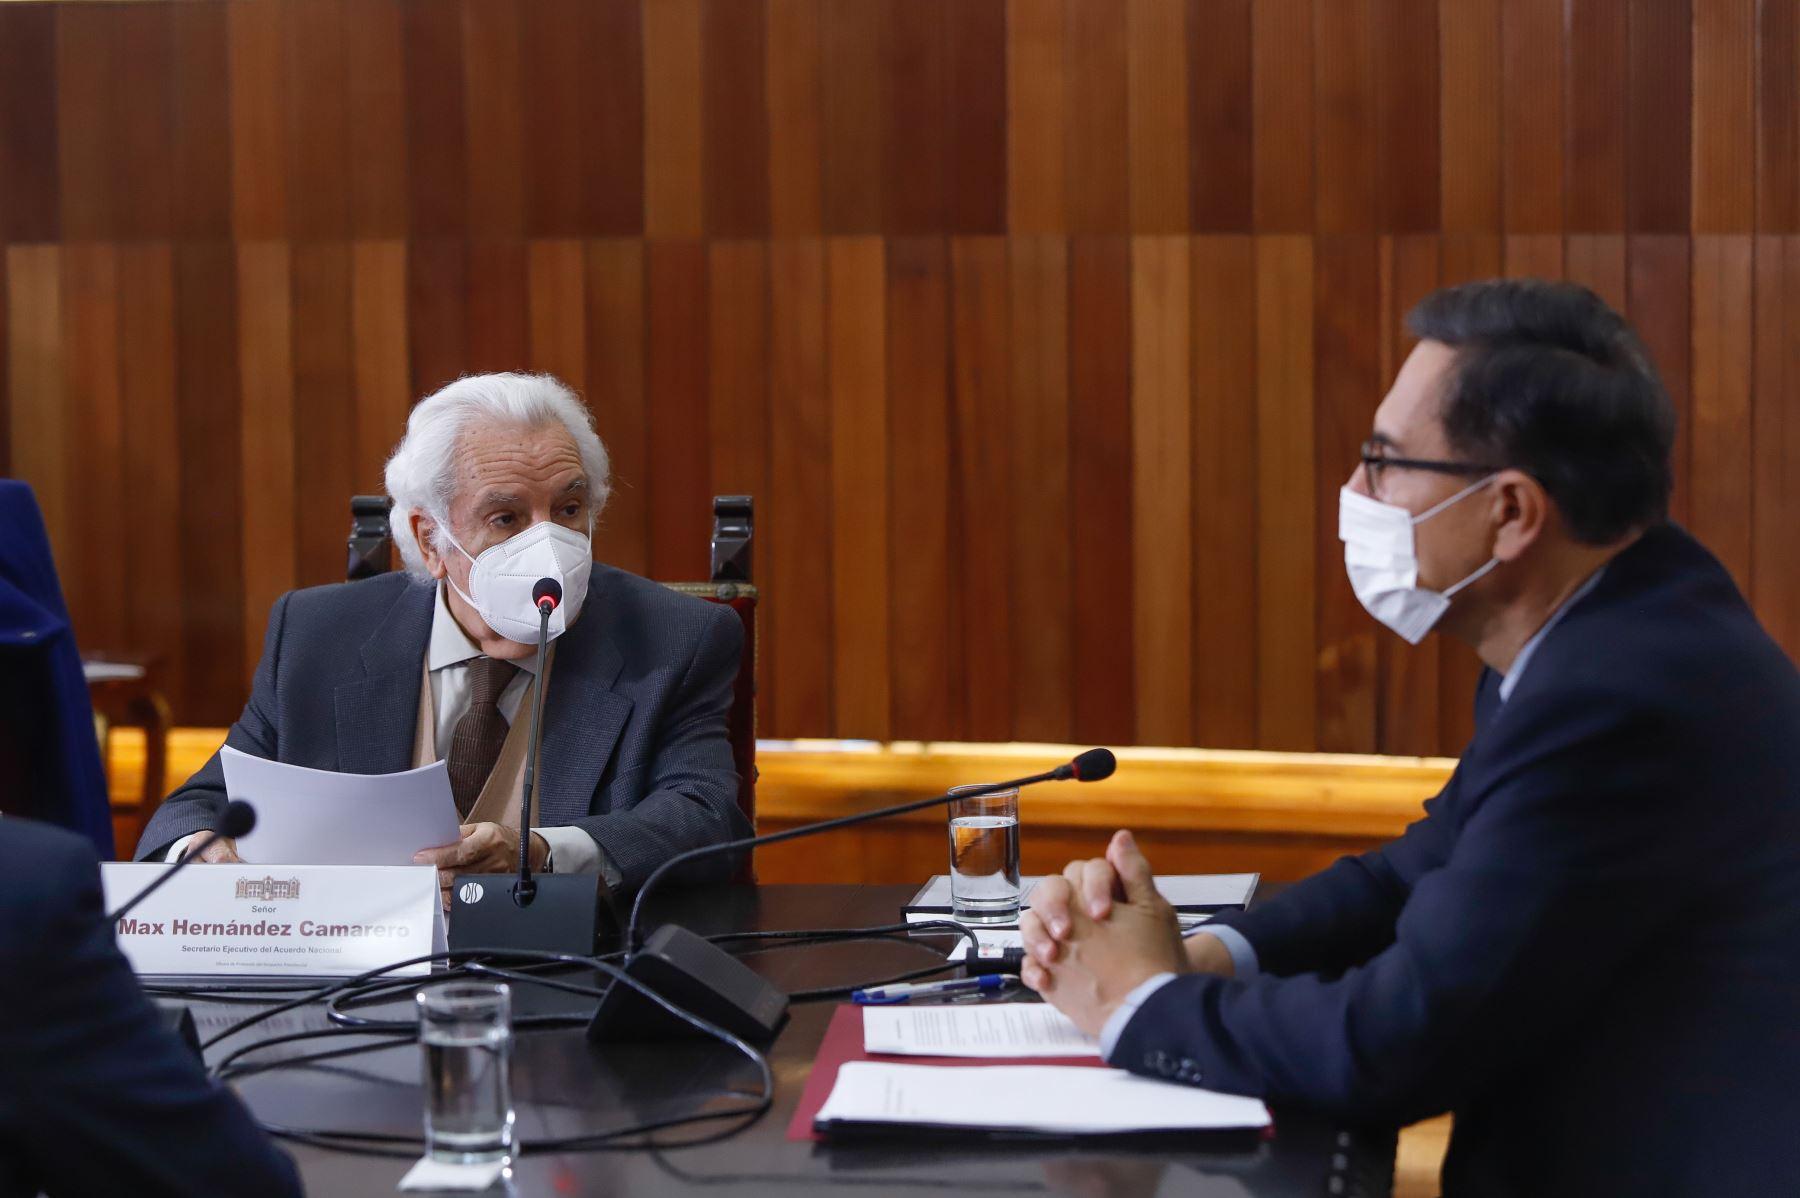 Presidente Martín Vizcarra y el secretario ejecutivo del Acuerdo Nacional, Max Hernandez. Foto: ANDINA/Prensa Presidencia